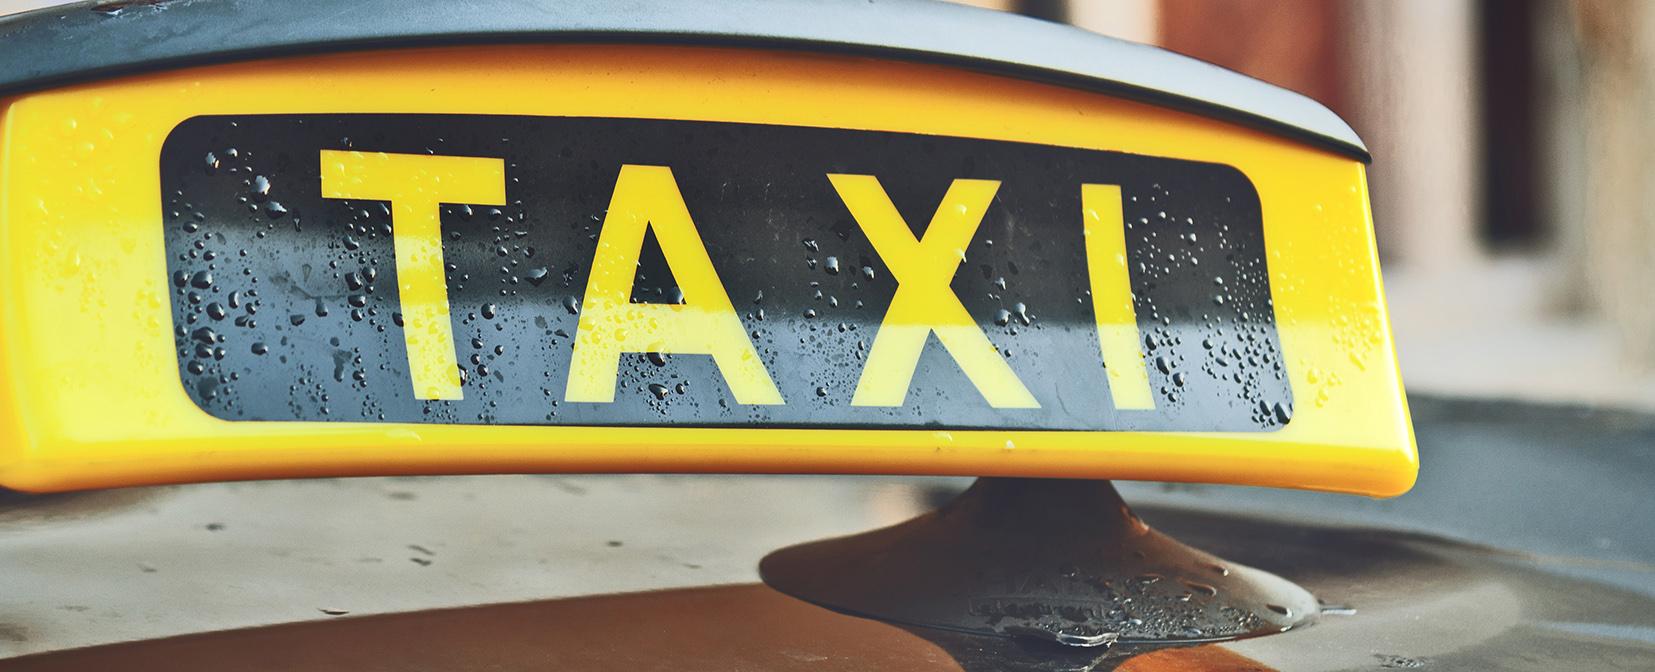 Такси: выгодное вложение для нового бизнеса!